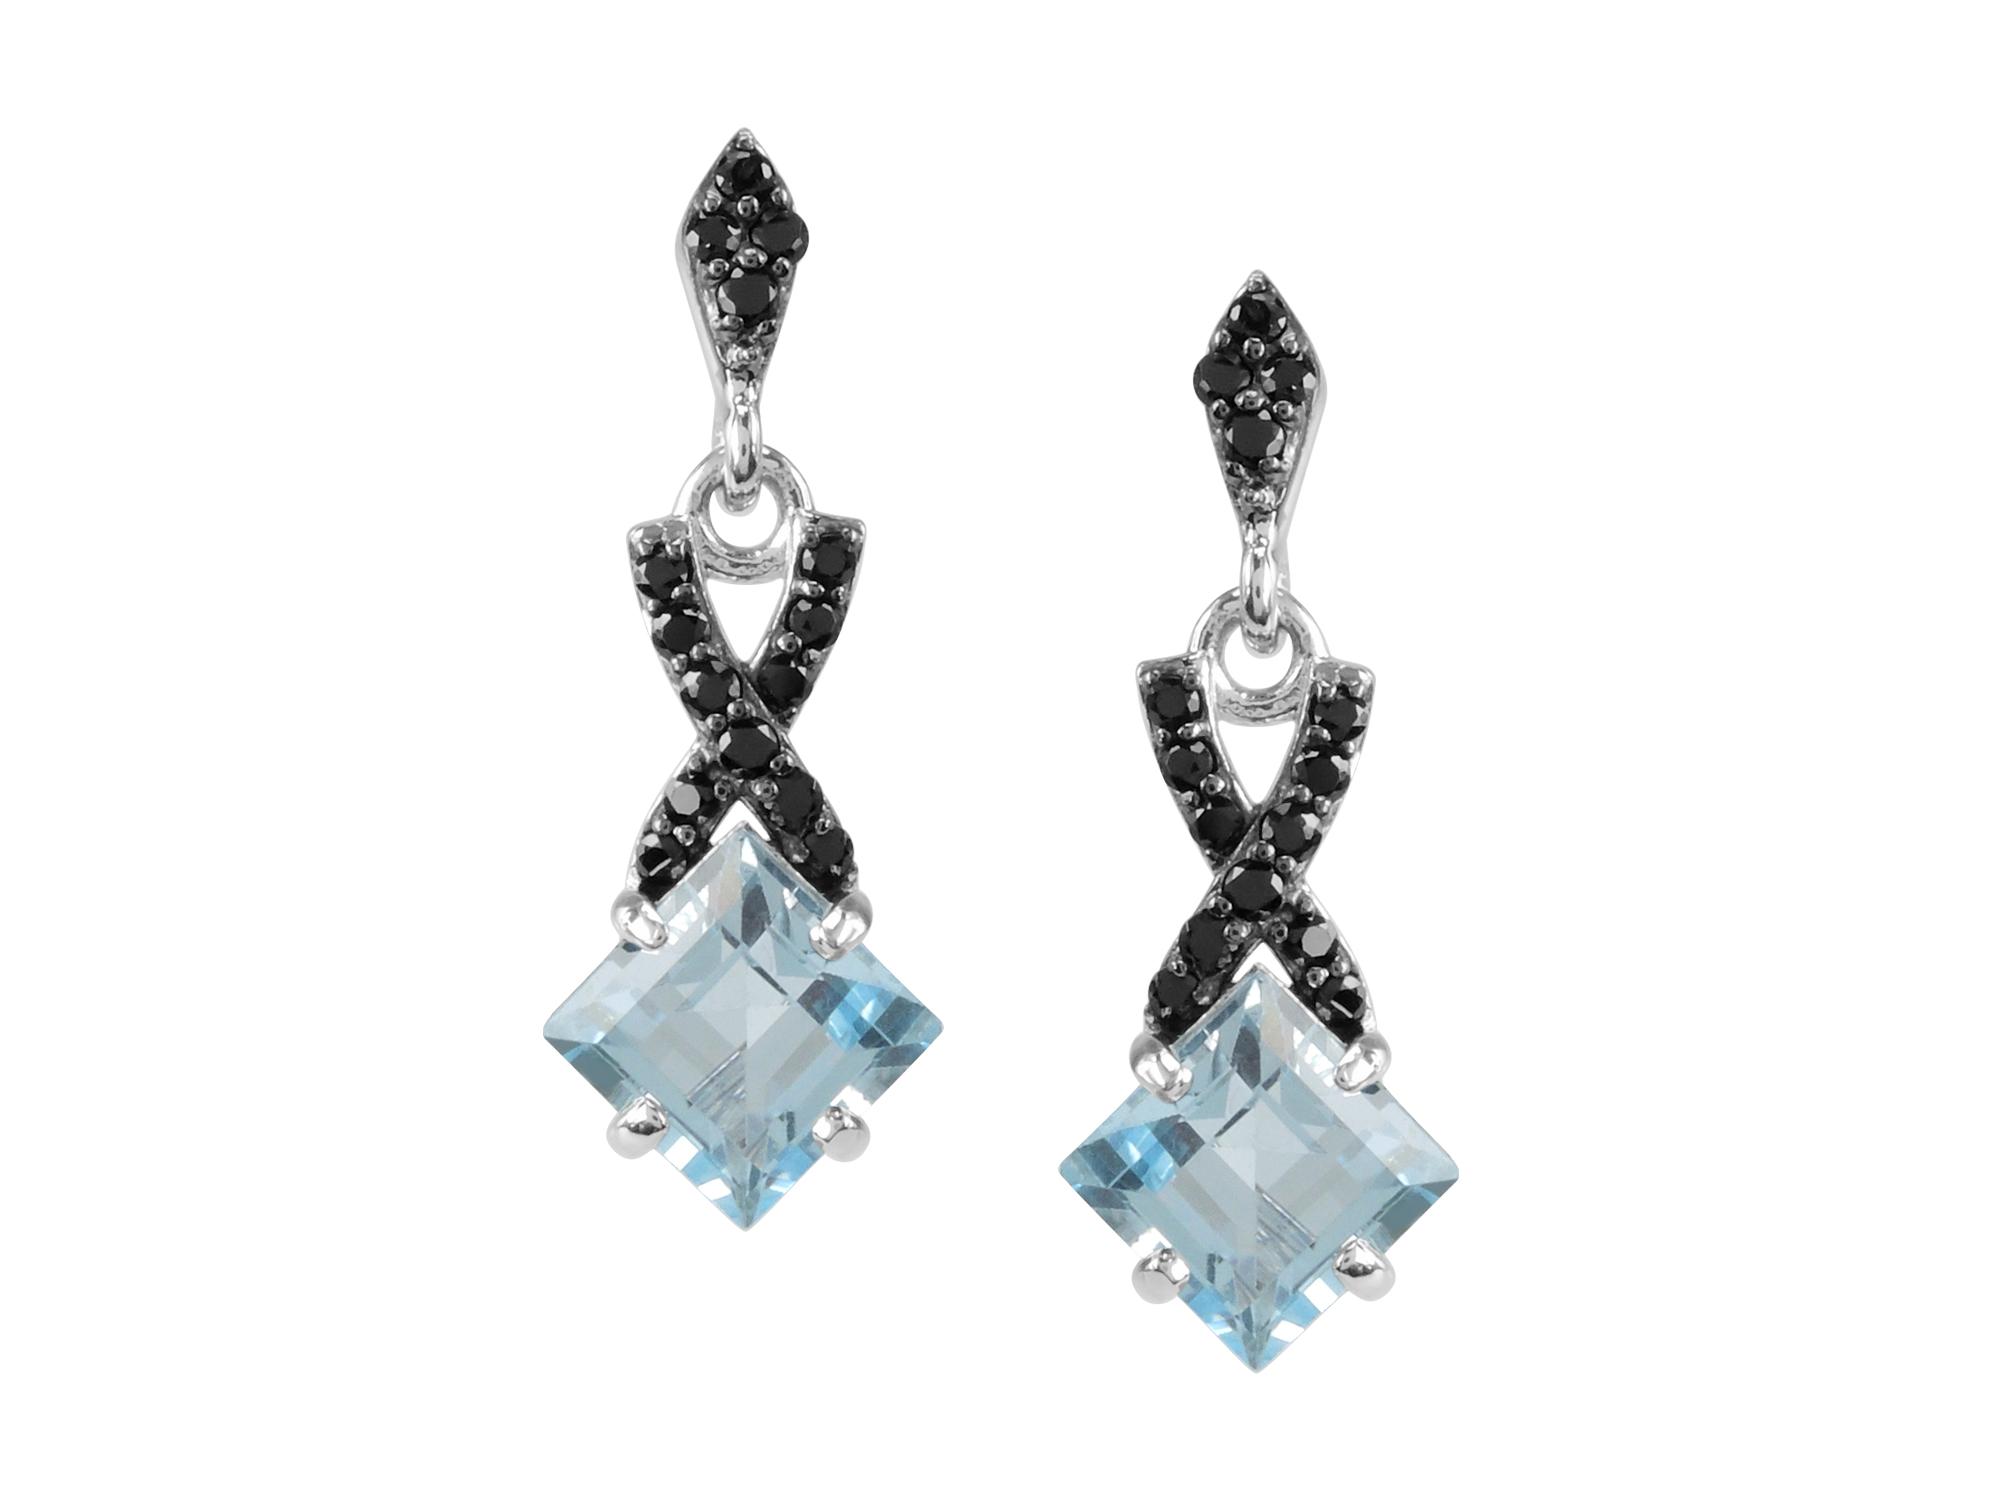 Blue Topaz & Black Spinel Earrings MJ18981